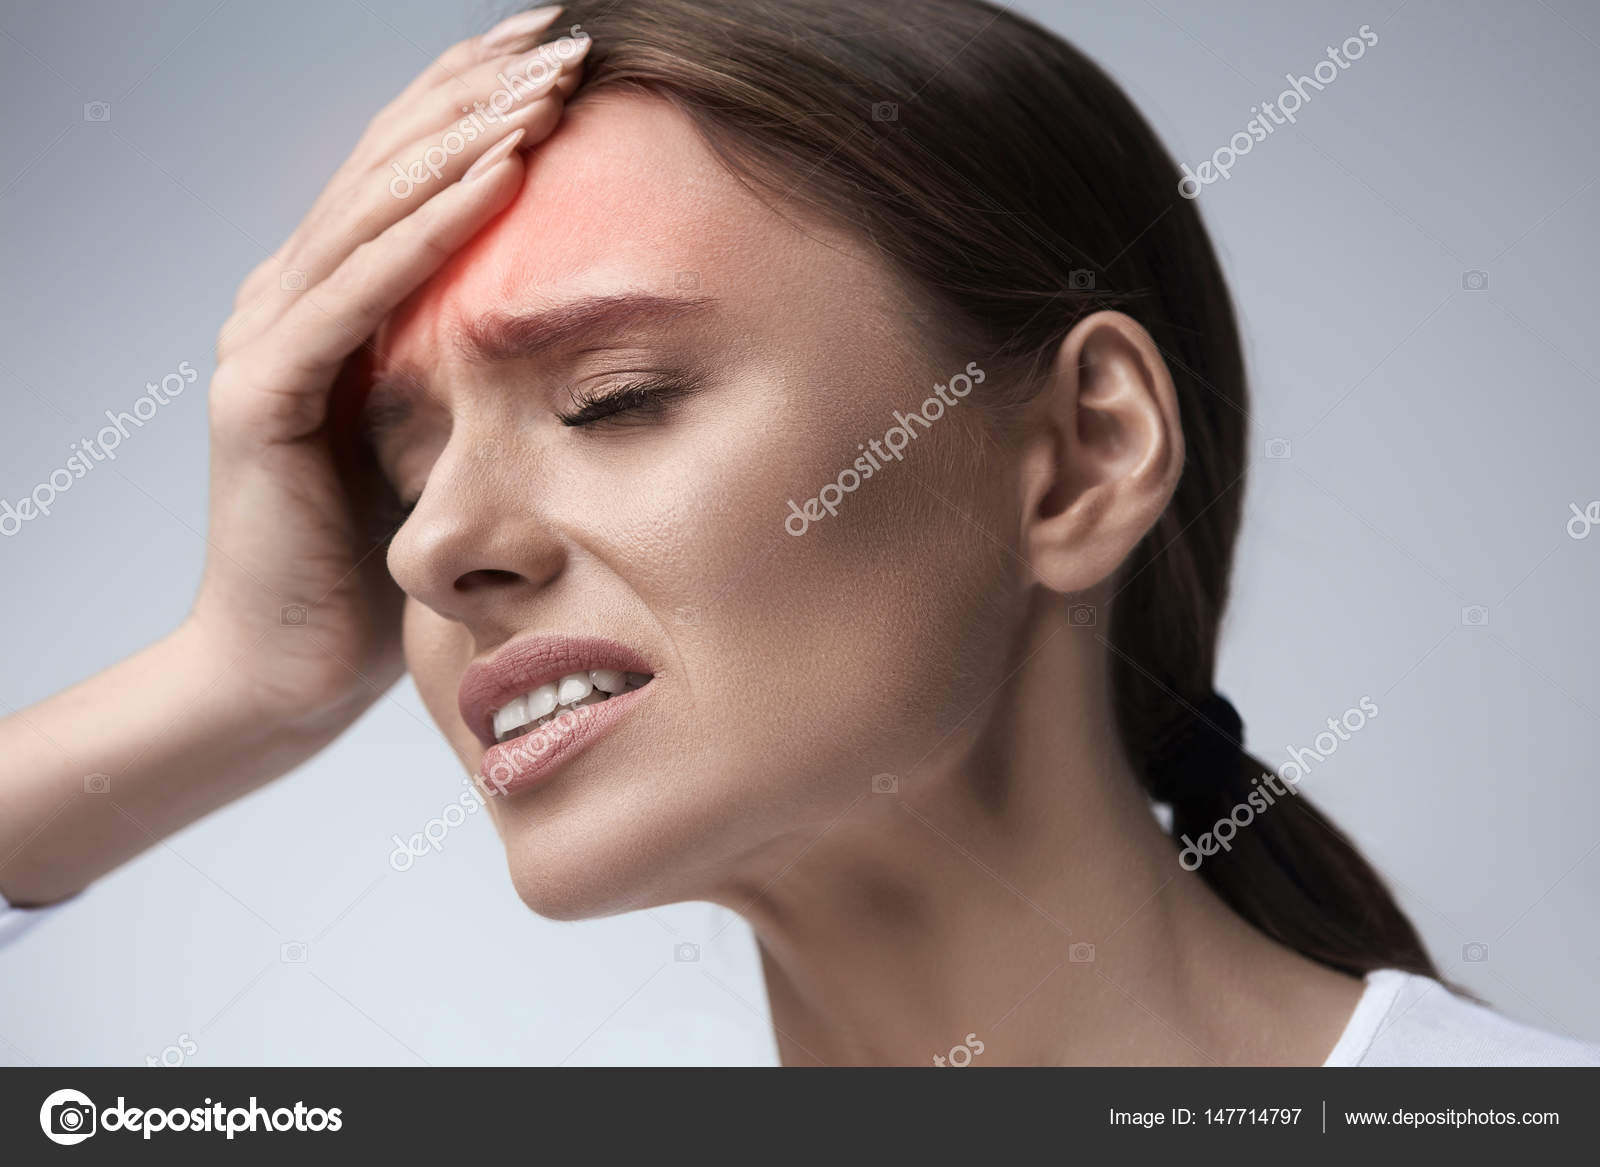 feber ont i nacken